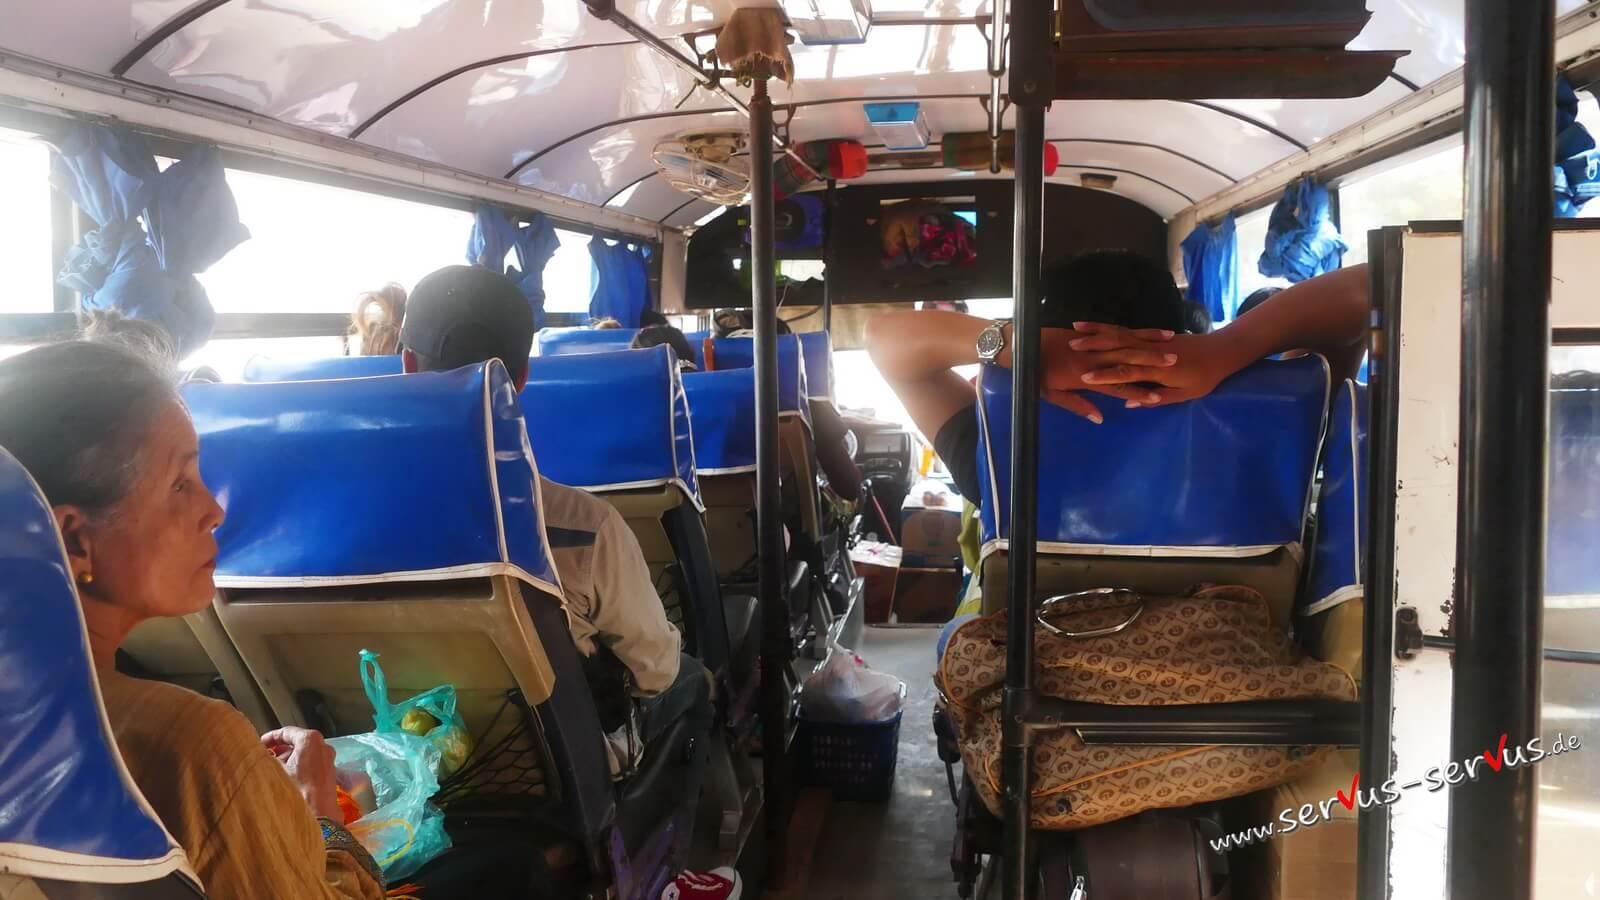 Bus, Dach von innen, abgestützt